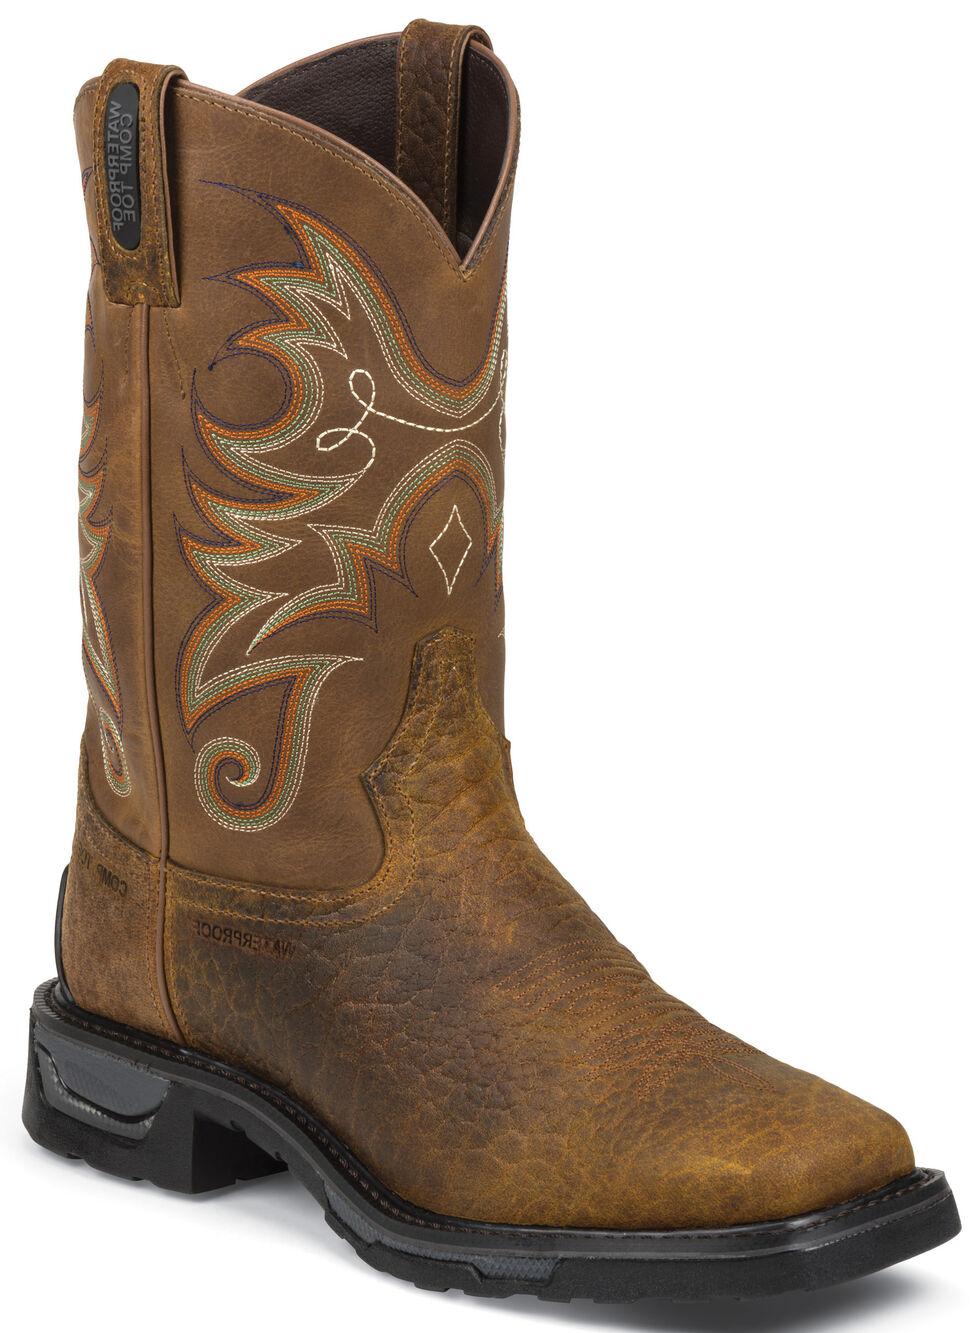 Tony Lama Sierra Badlands TLX Western Waterproof Work Boots - Comp Toe , Brown, hi-res